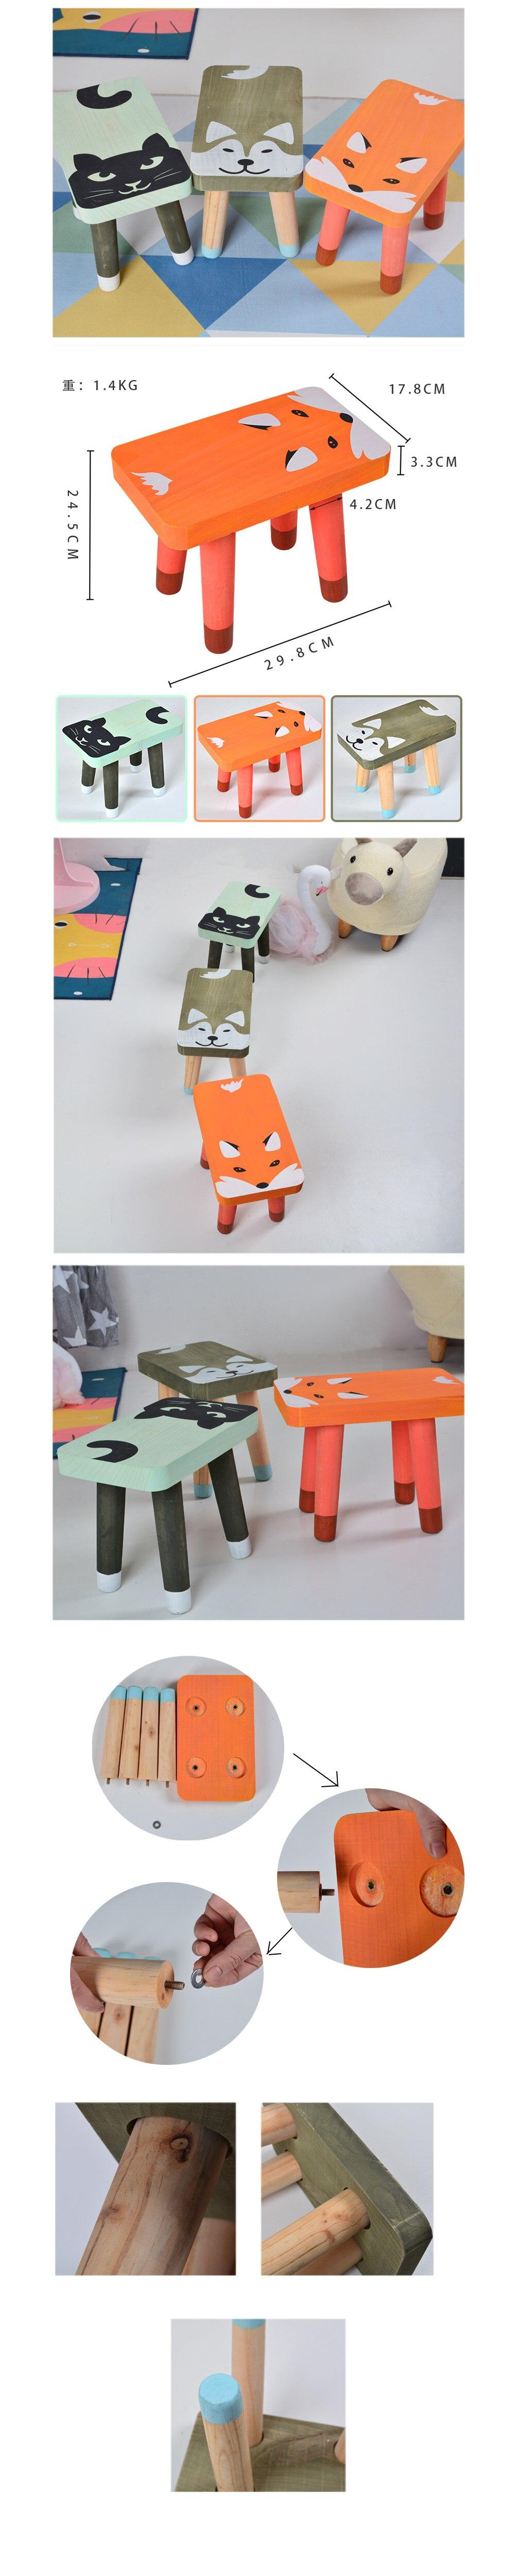 Современный деревянный стул для детей ясельного возраста мебель